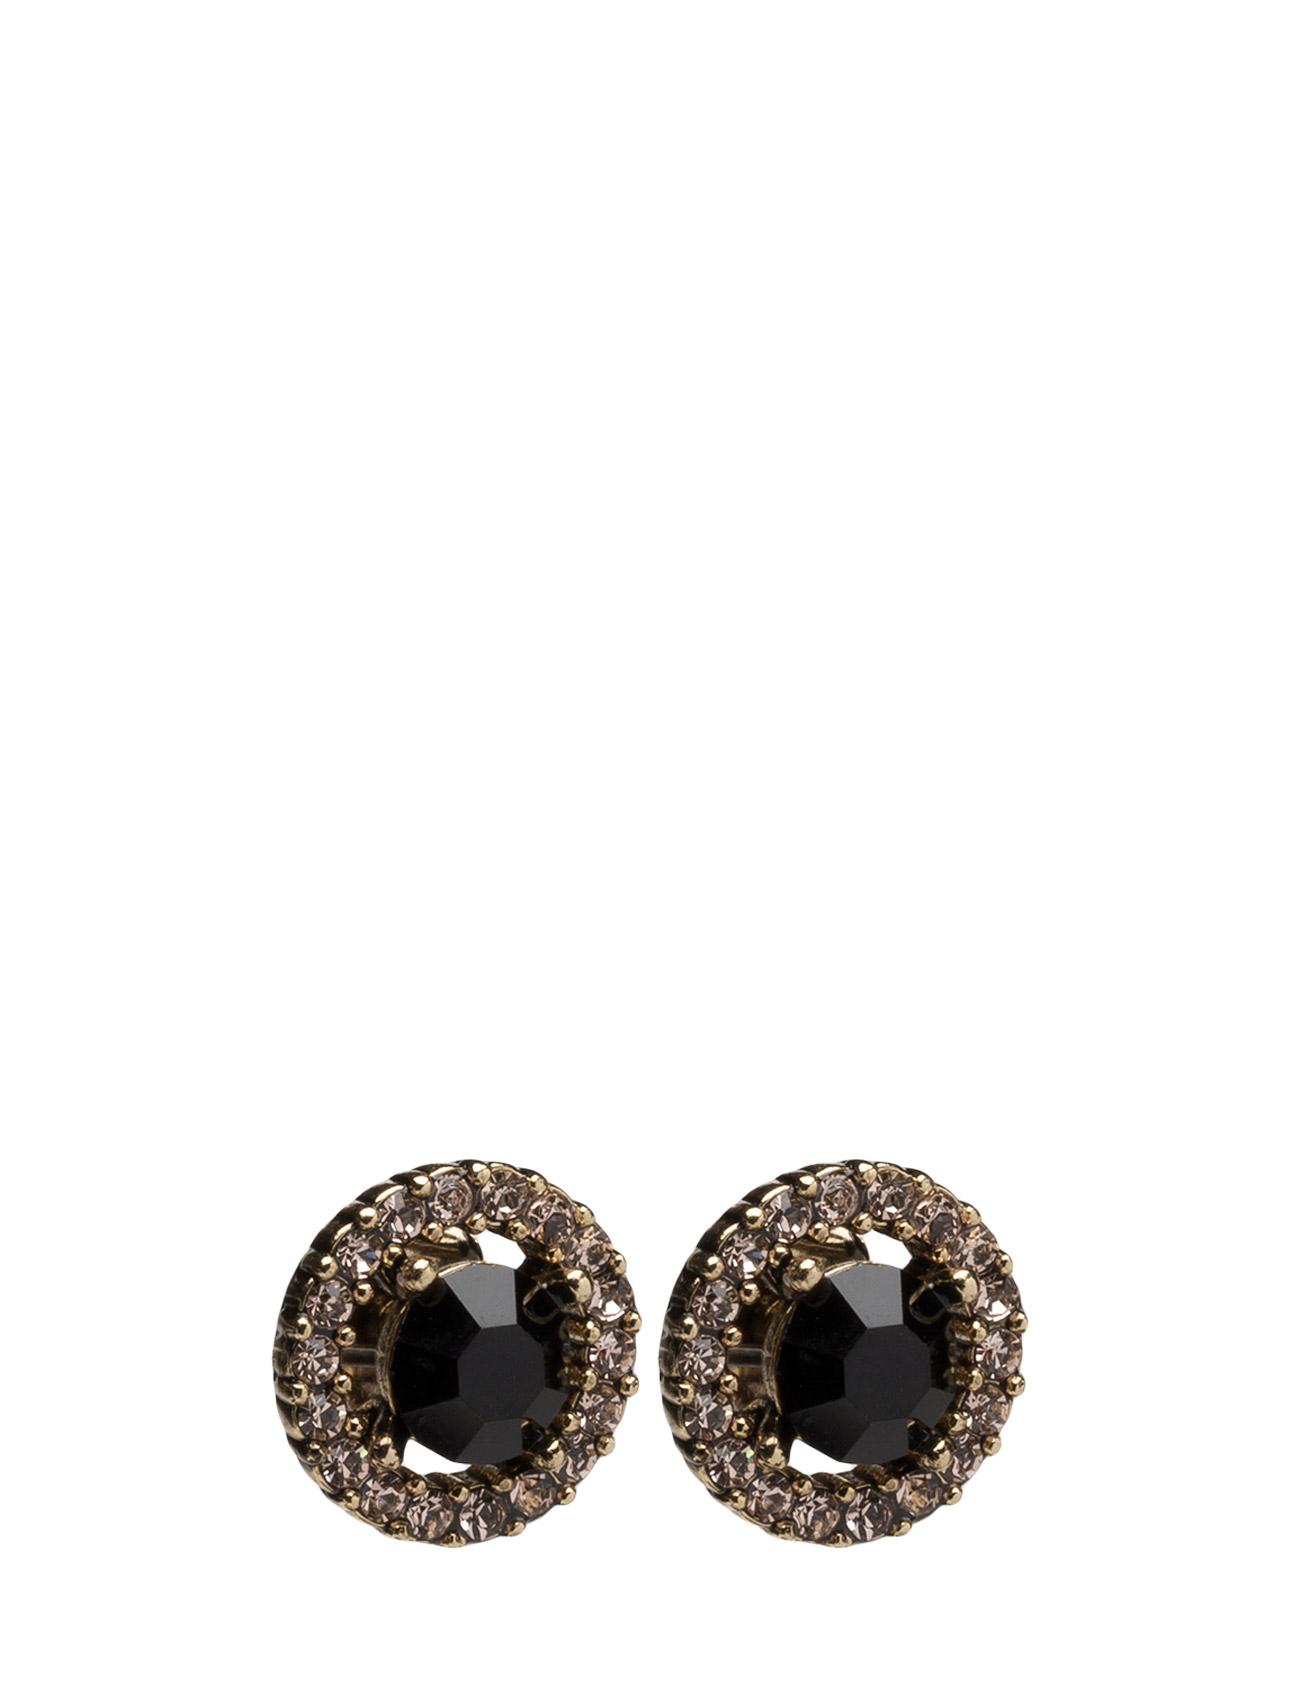 1c8ca6accd623 Miss Miranda Earrings LILY AND ROSE Smykker til Kvinder i Jet